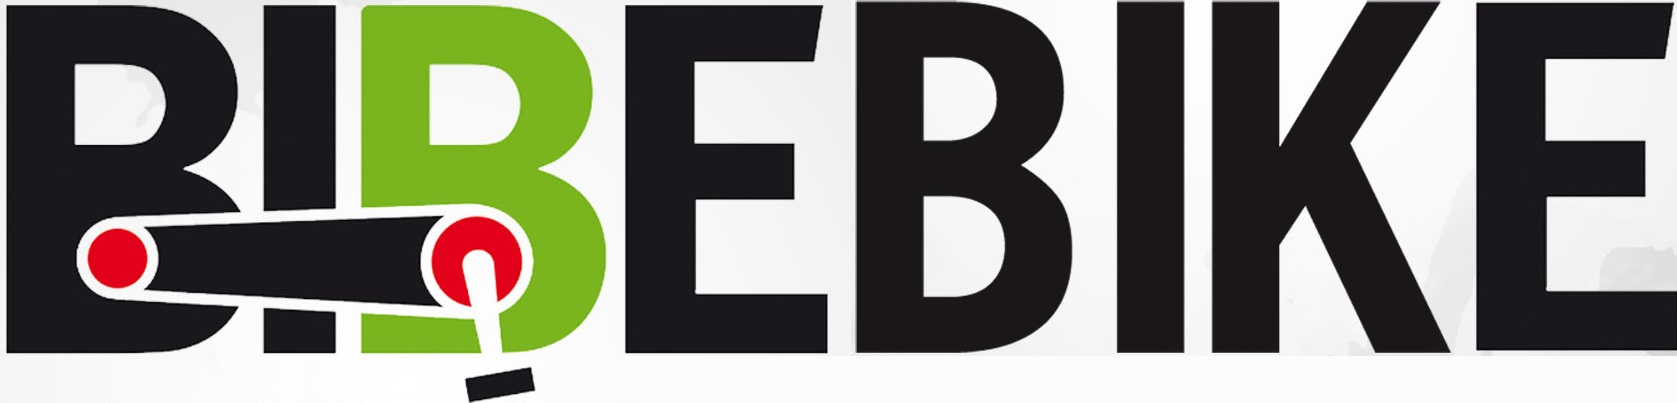 logo bibebike